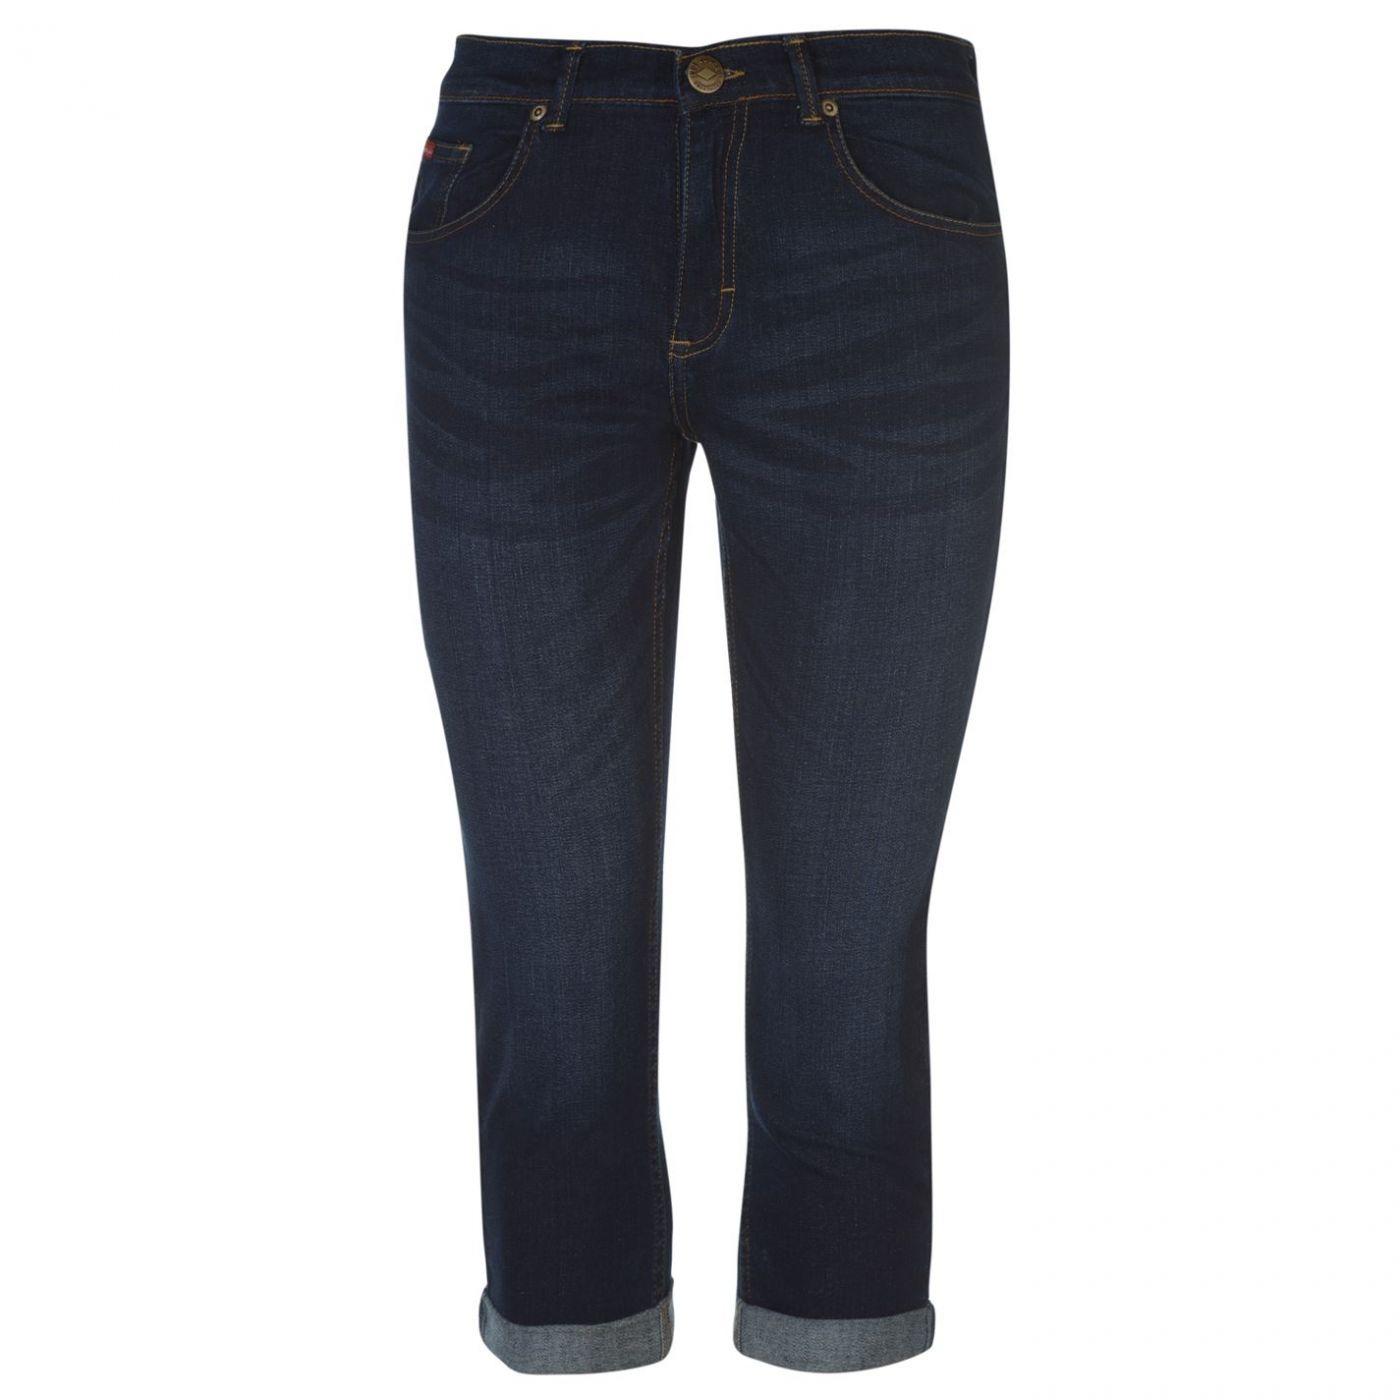 Lee Cooper Cropped Jeans Ladies